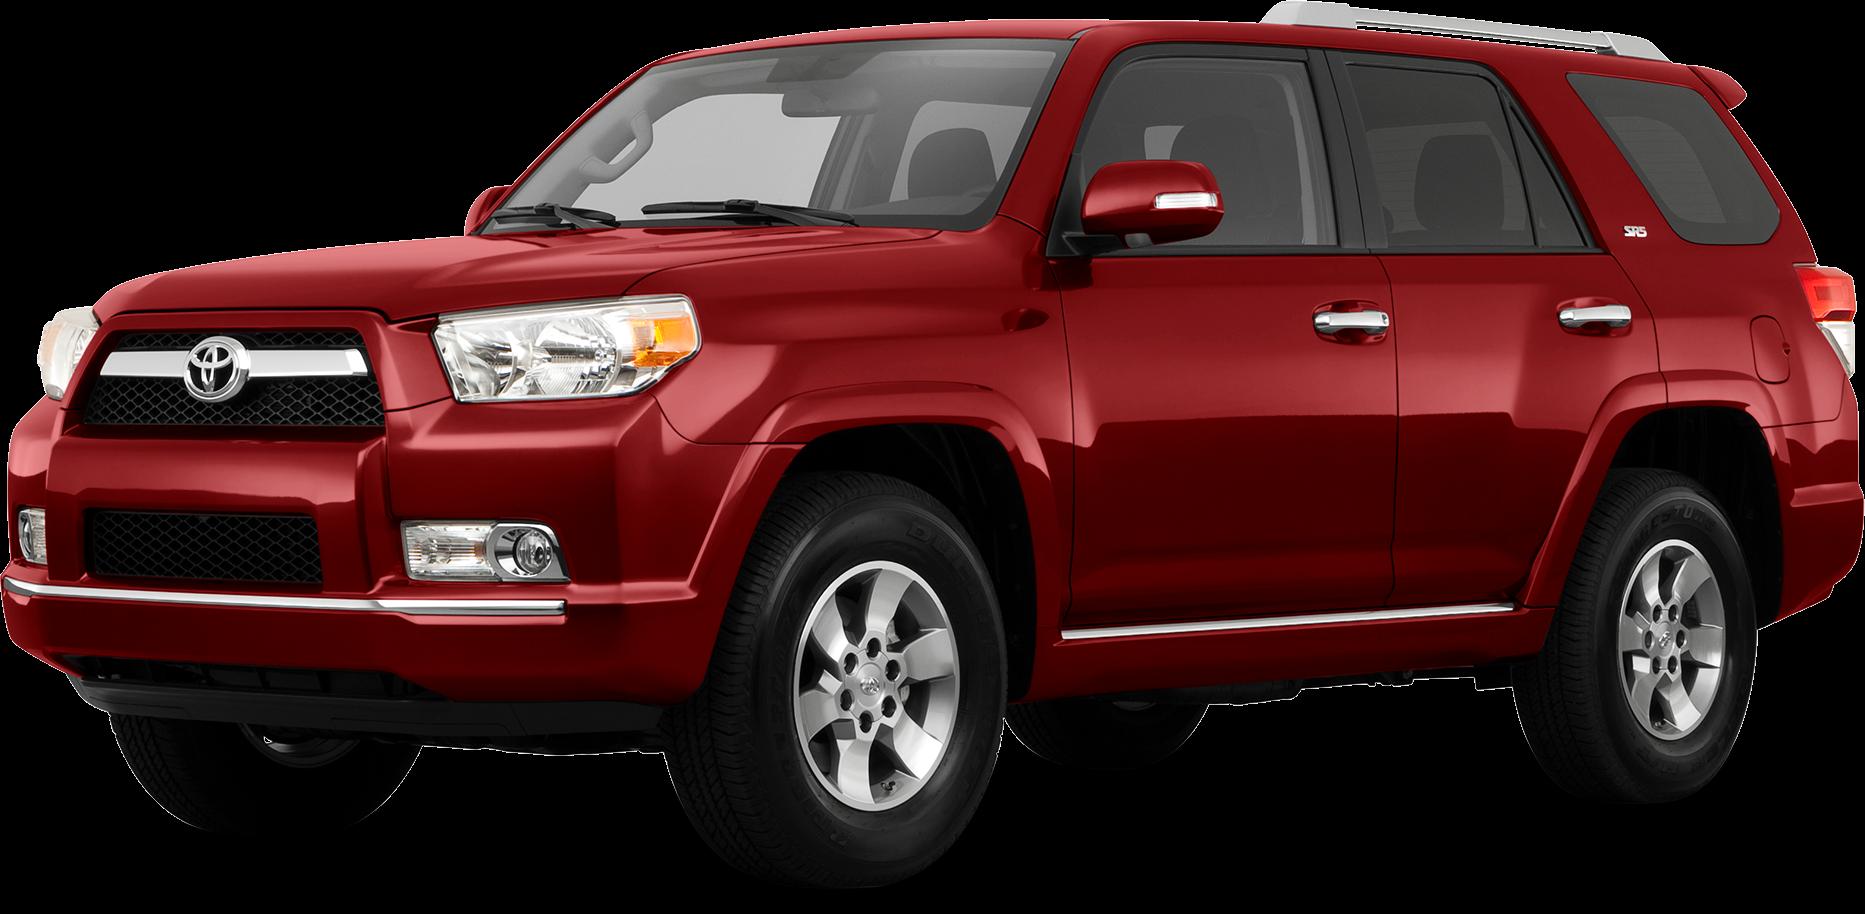 2011 Toyota Tacoma Regular Cab | Pricing, Ratings, Expert